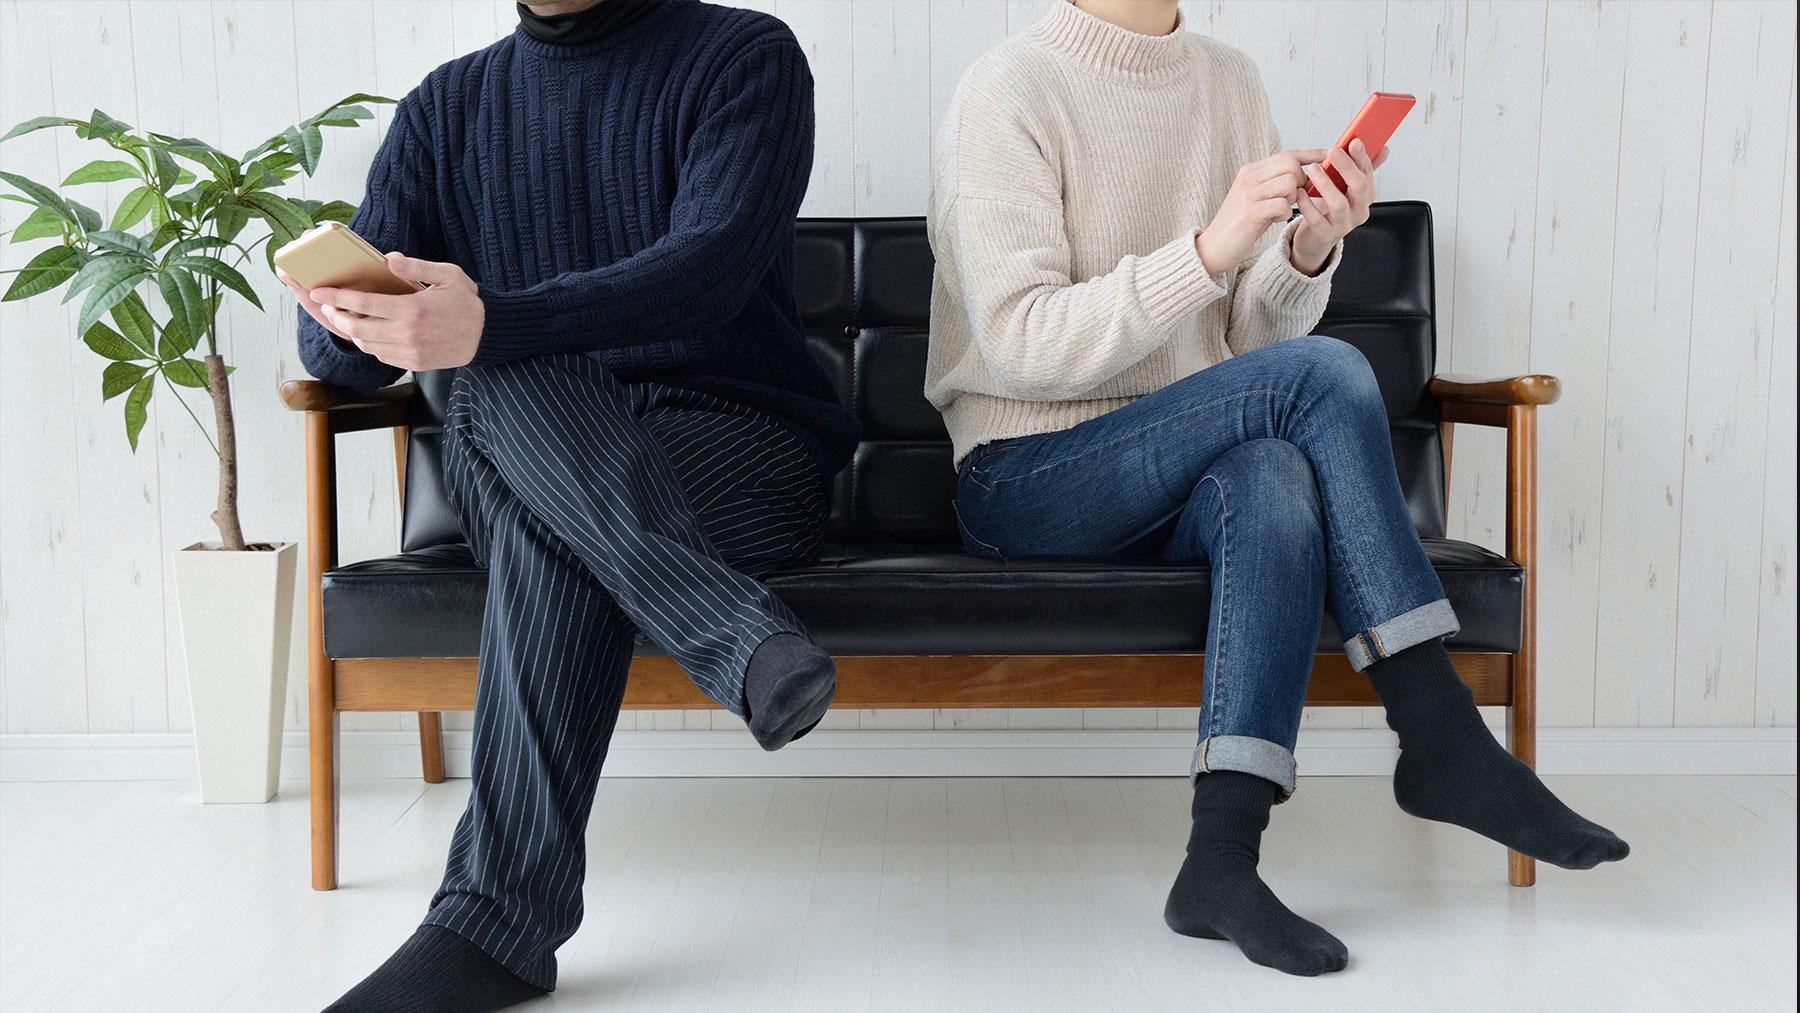 Koppel zittend op een bank. Ze zitten zijdelings en zijn elks op hun gsm bezig.